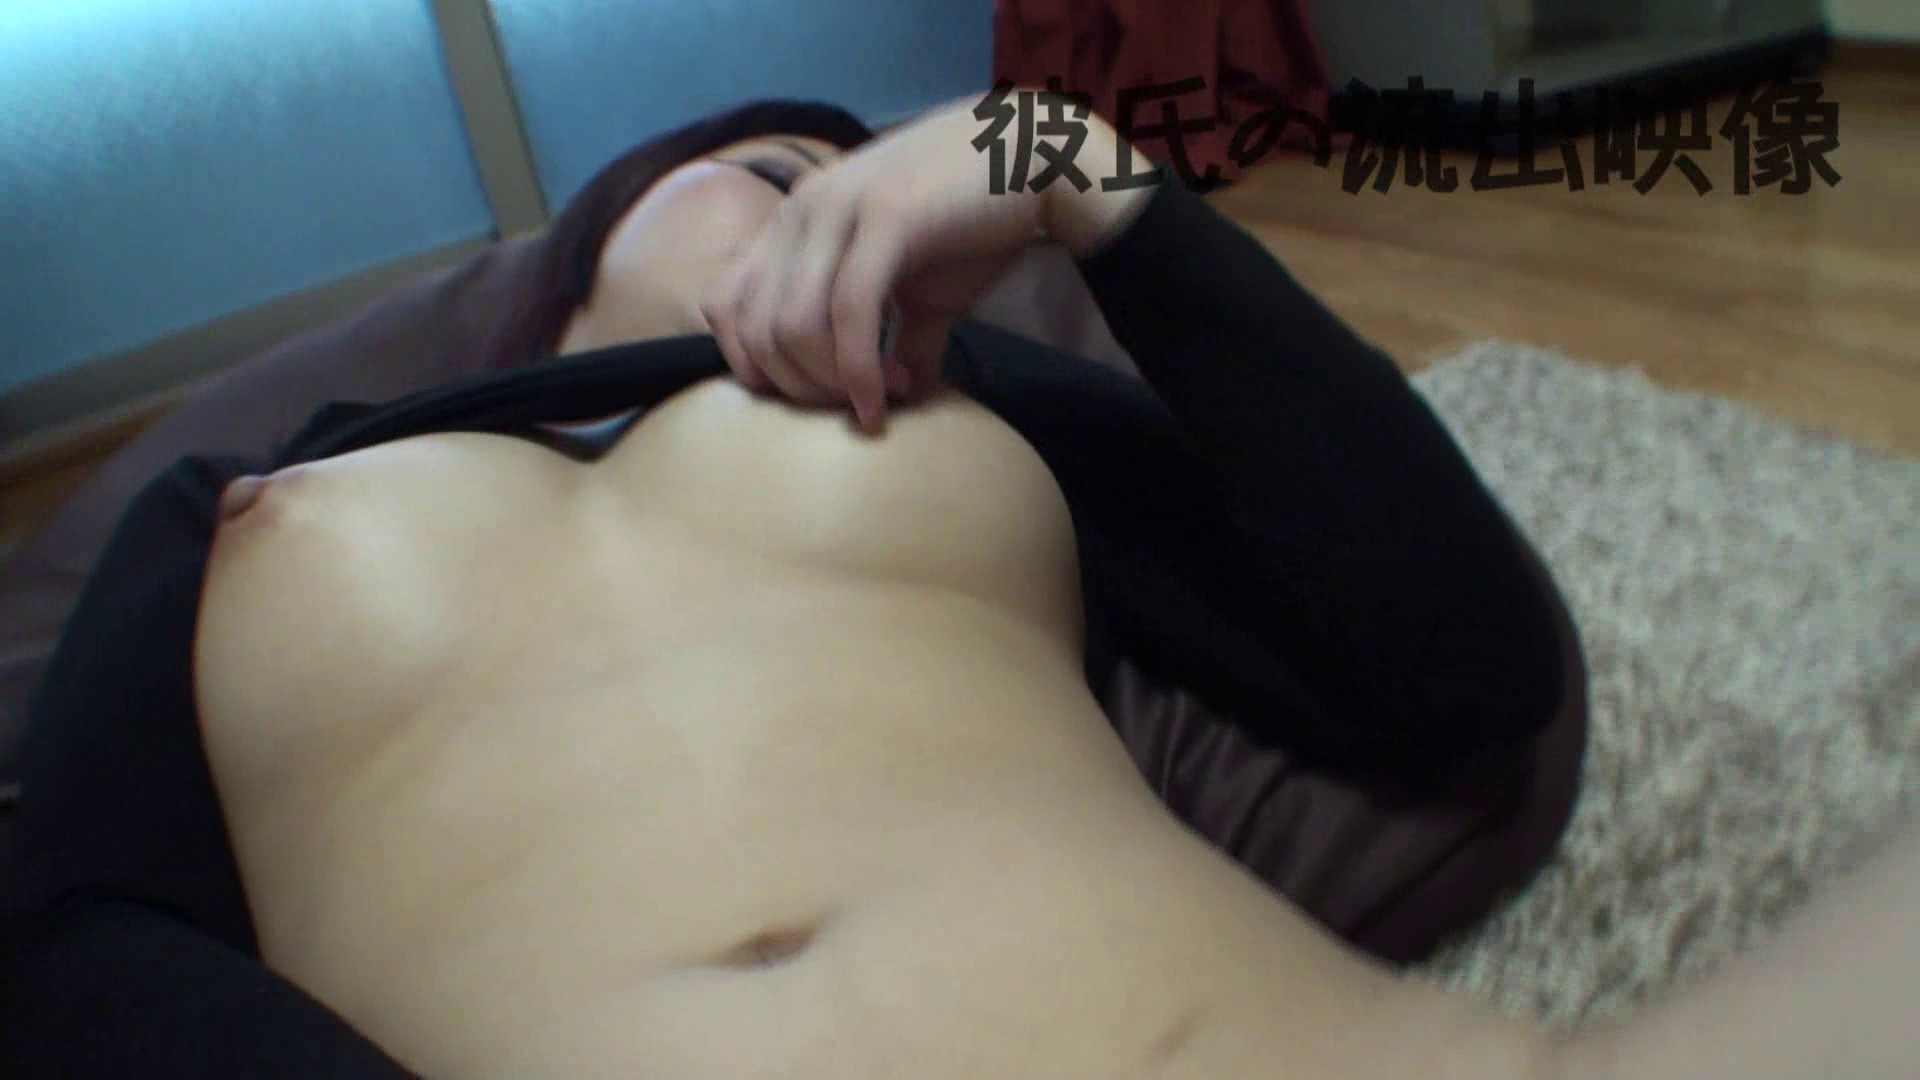 彼氏が流出 パイパン素人嬢のハメ撮り映像04 一般投稿  82連発 49